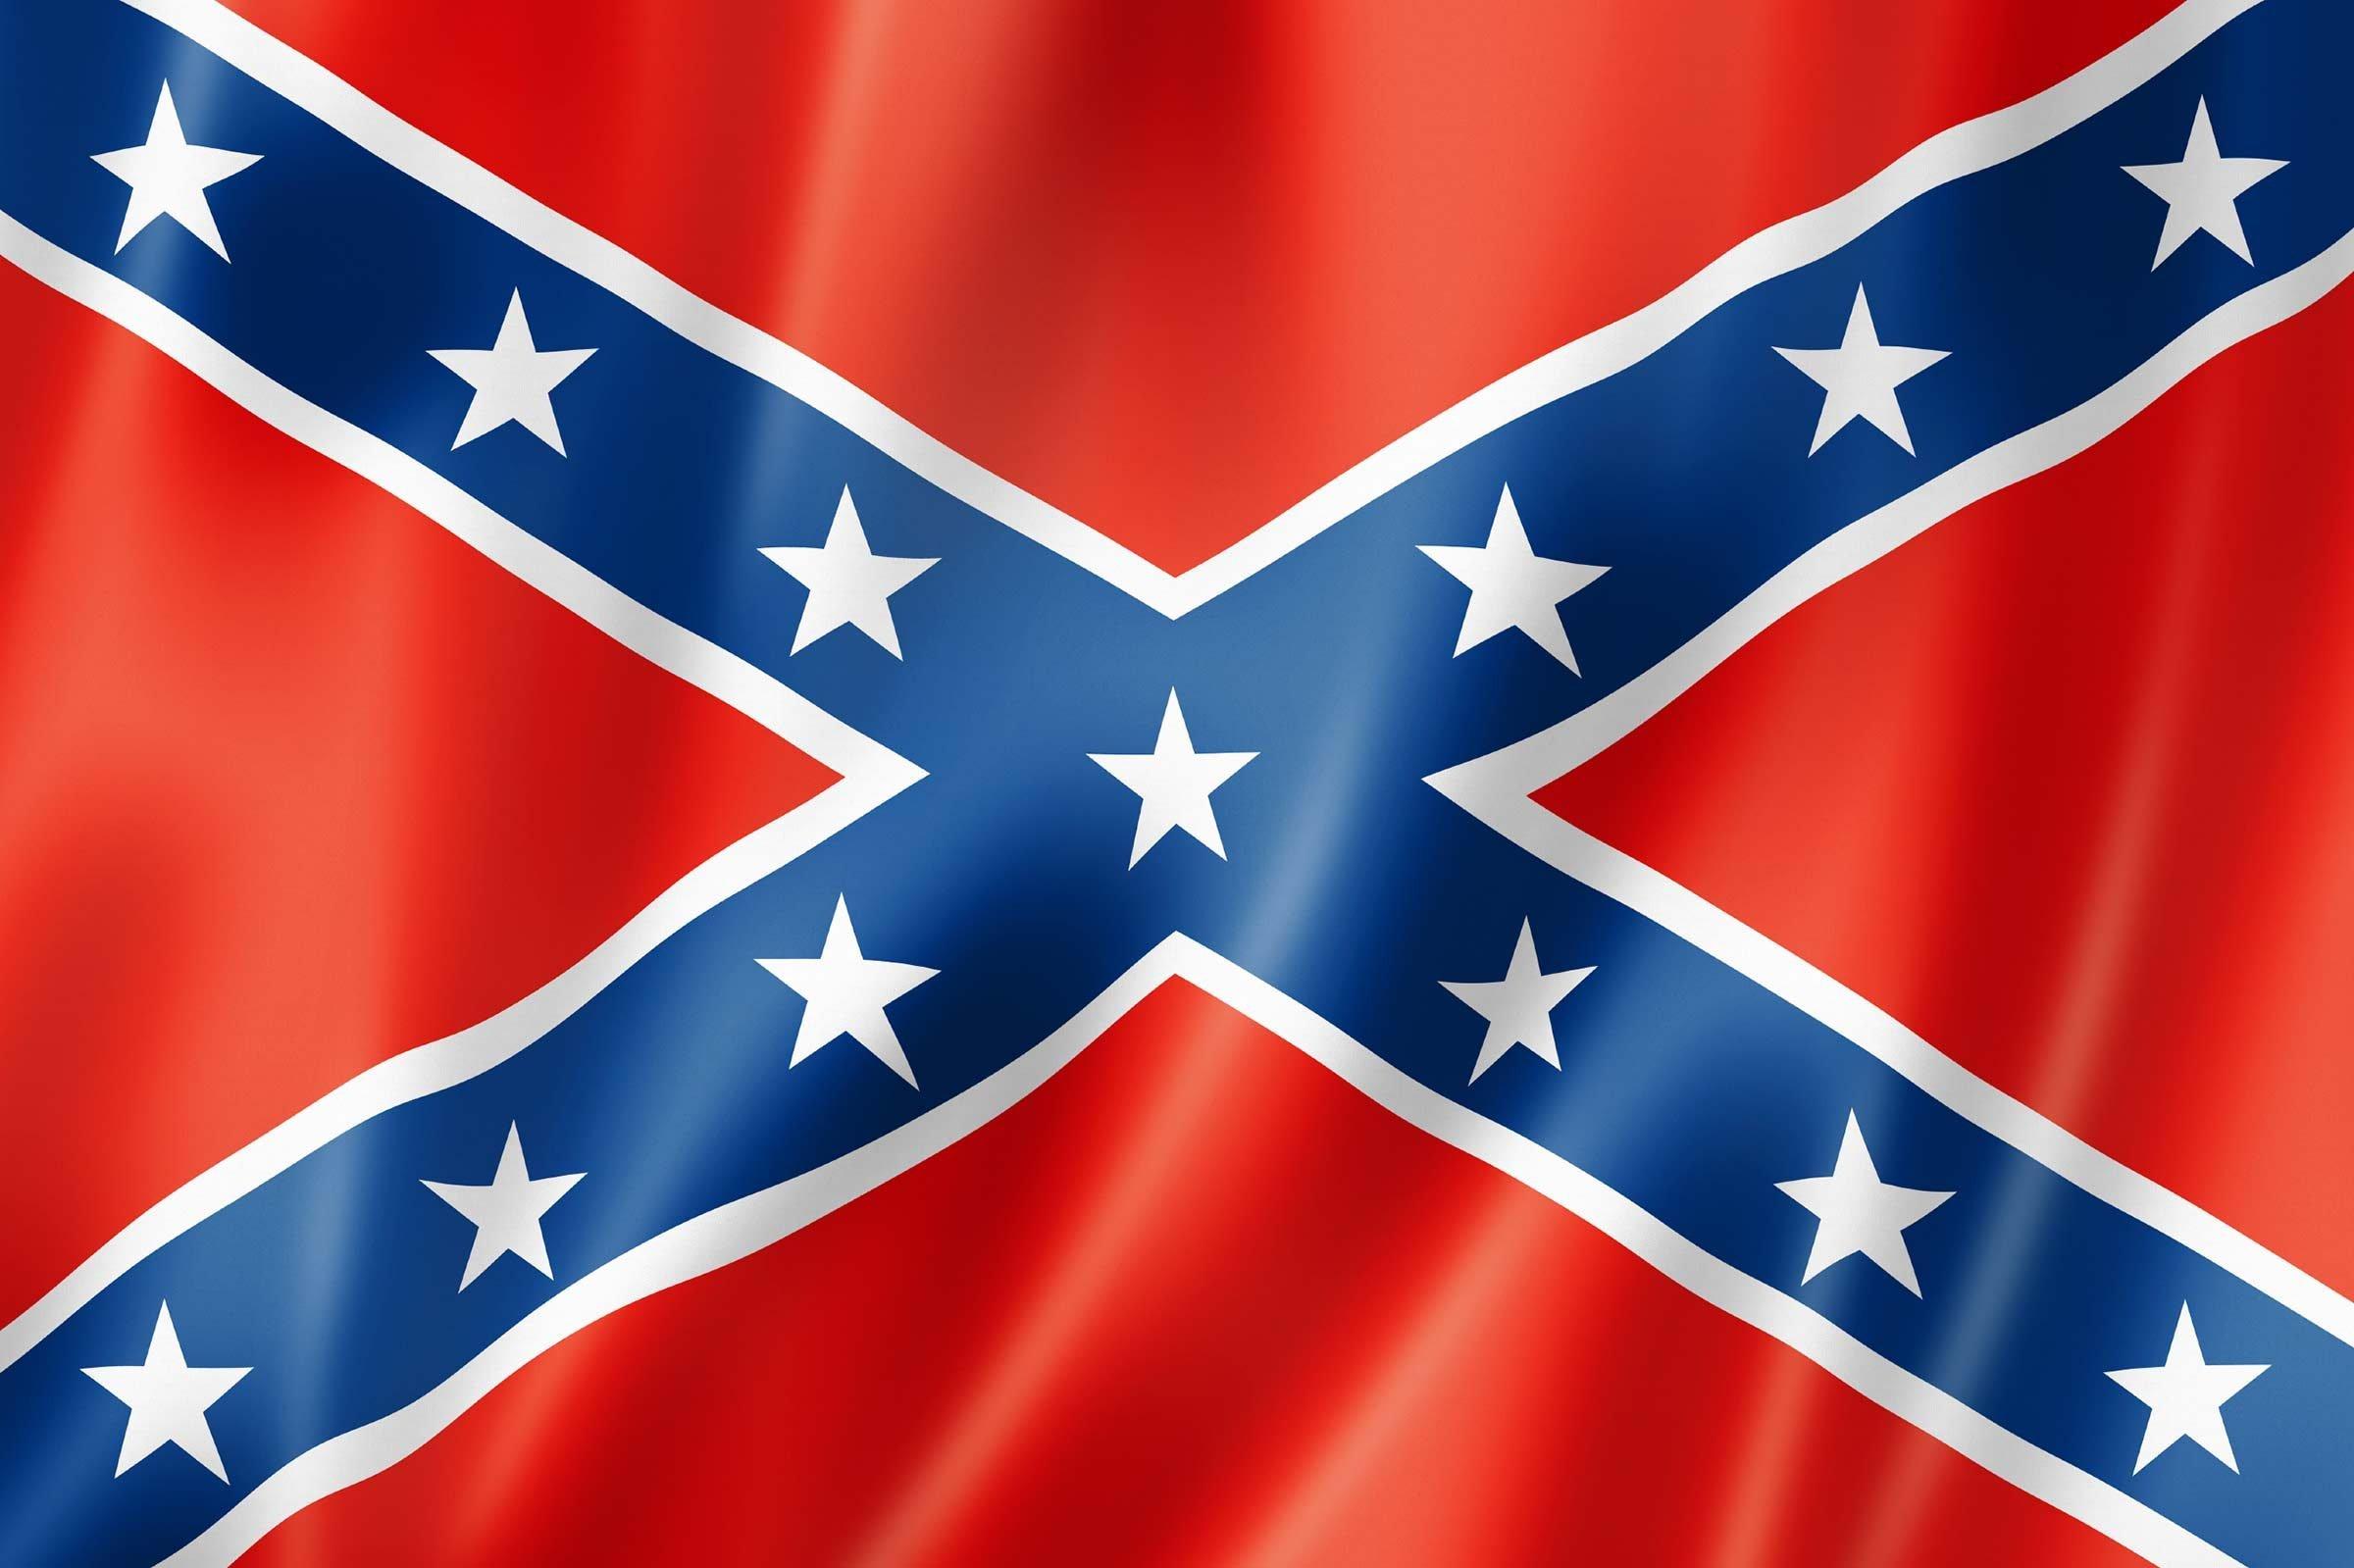 New Confederate Flag Design